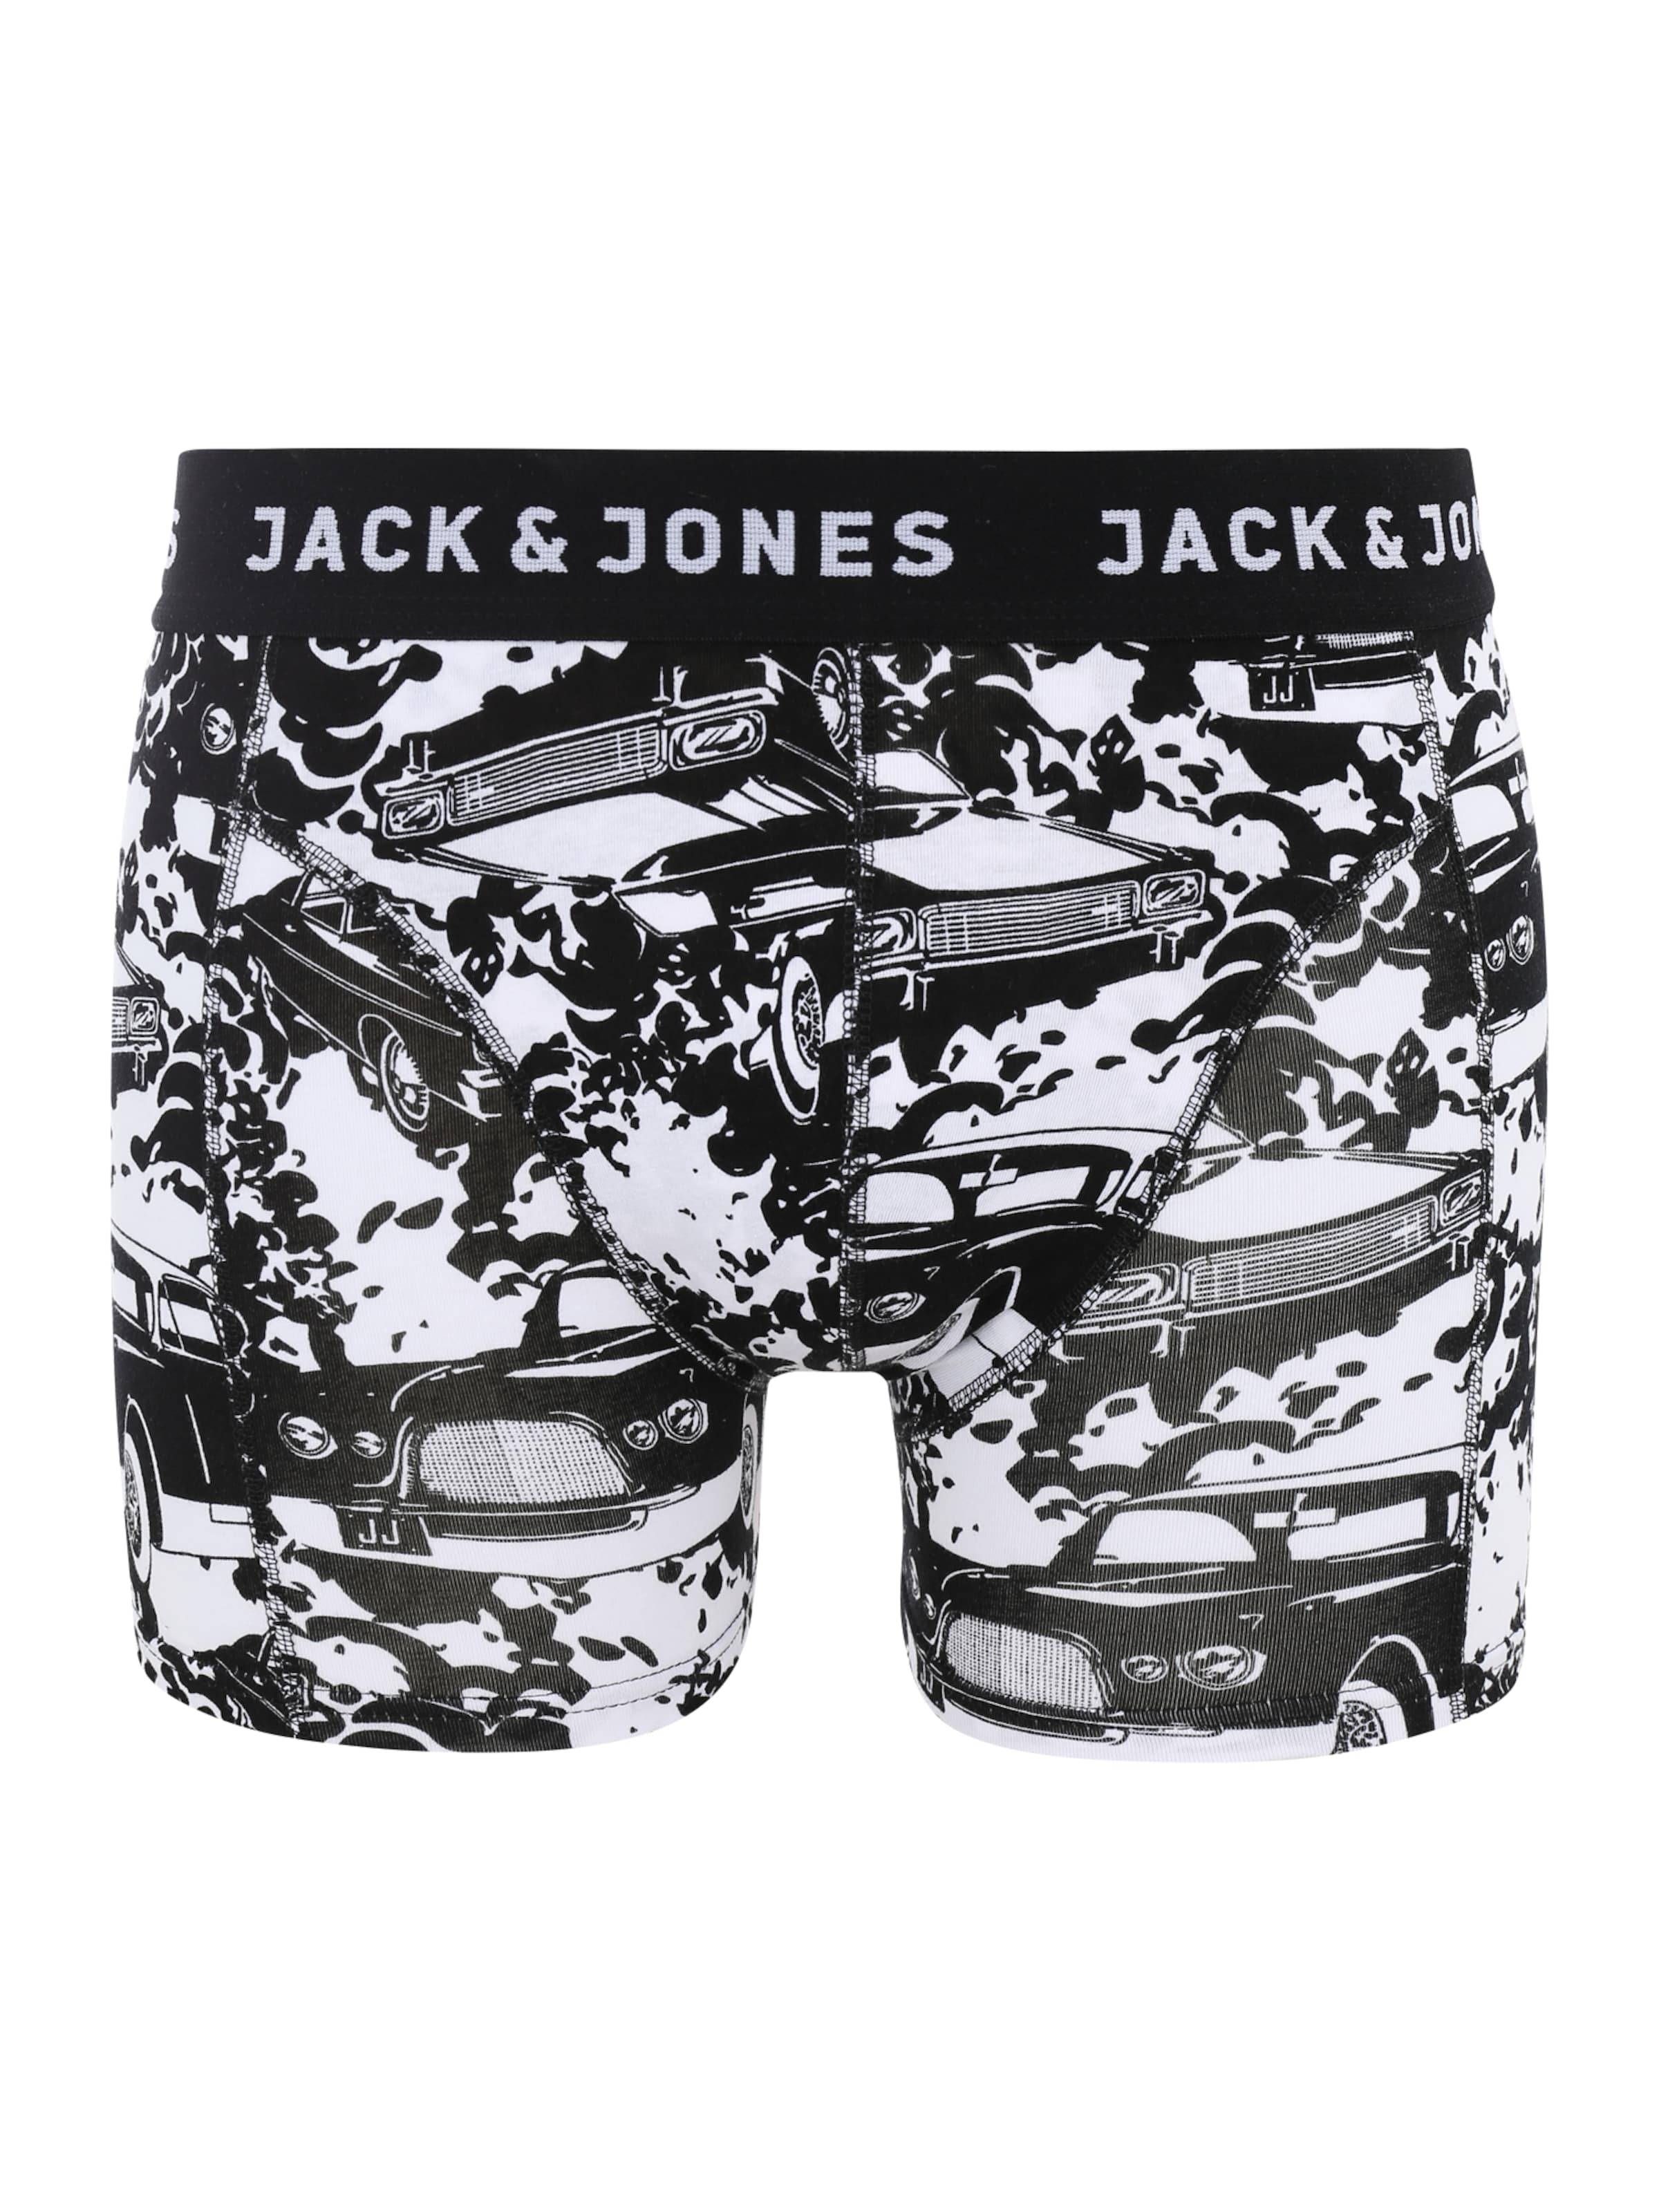 JACK & JONES Boxershorts 'JACCONNER' Rabatt Komfortabel 2018 Unisex Zum Verkauf Freiheit Ausgezeichnet Steckdose Exklusive XmtEnETap